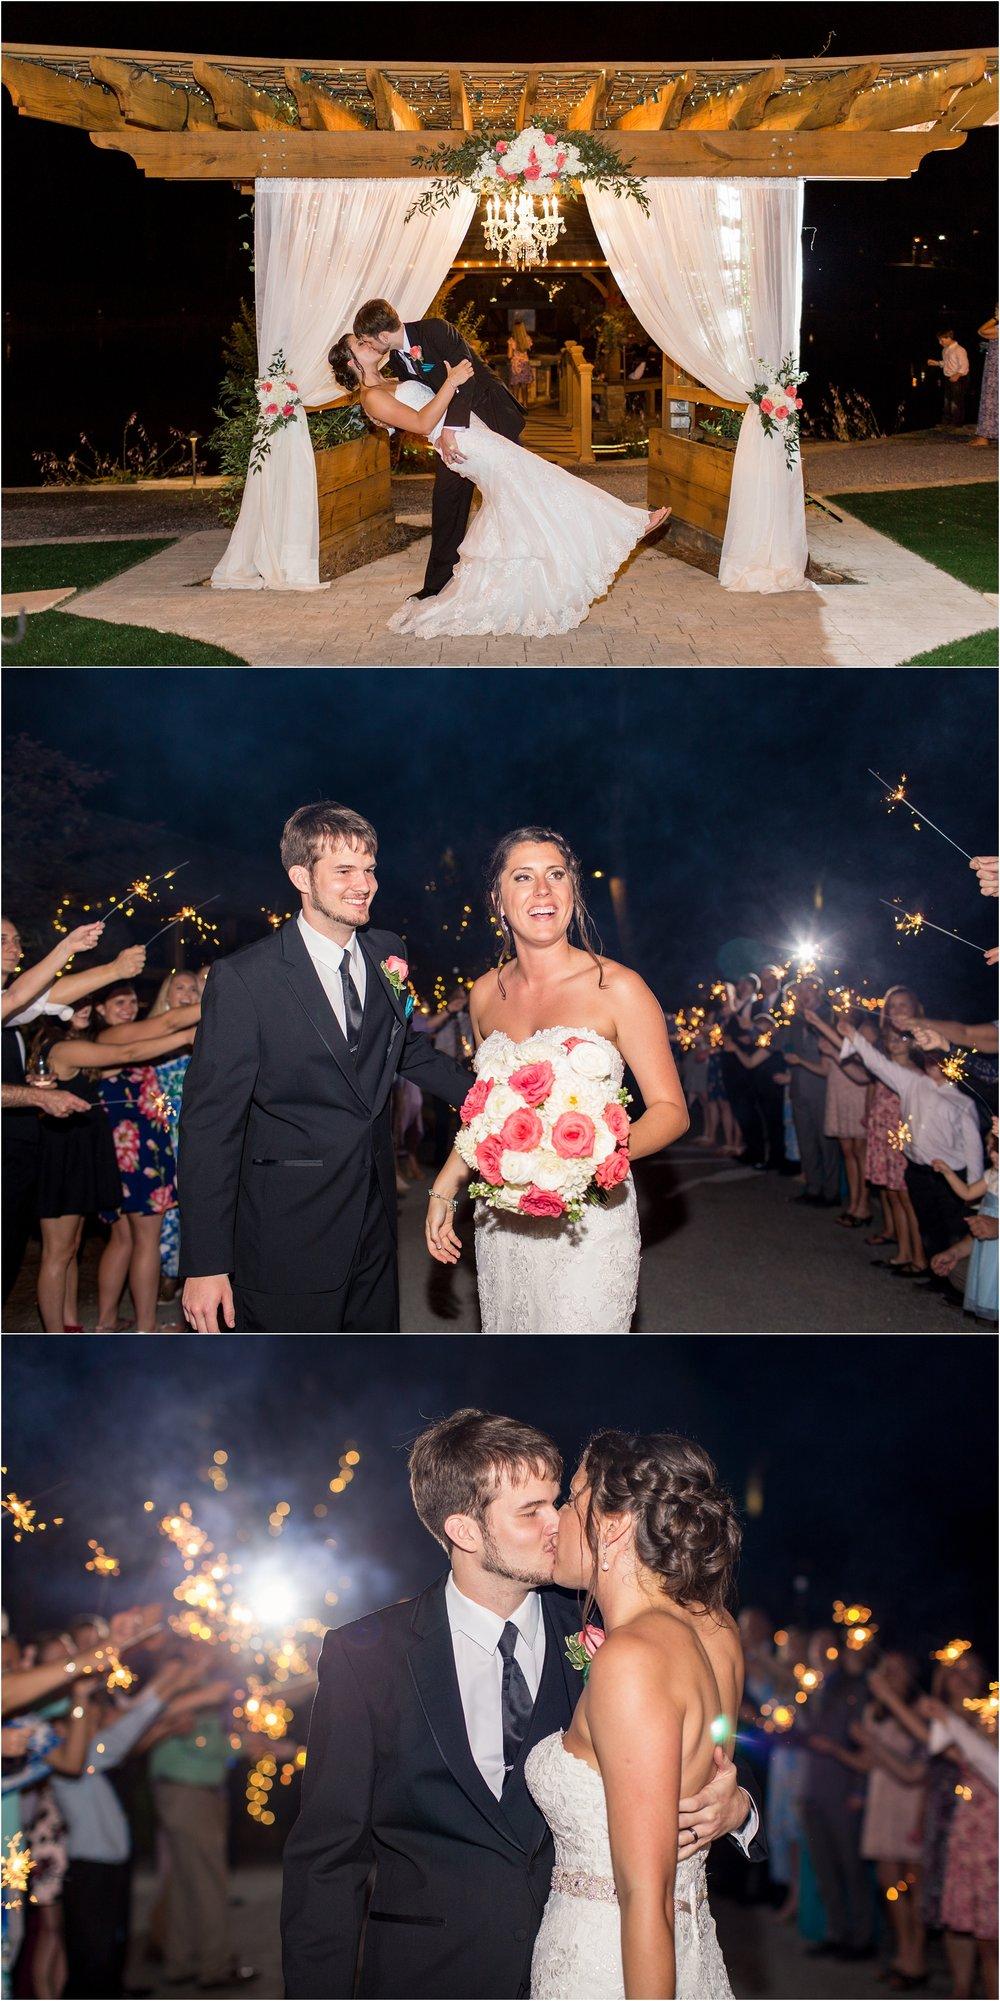 Savannah Eve Photography- Roberts-Brown Wedding- Sneak Peek-122.jpg